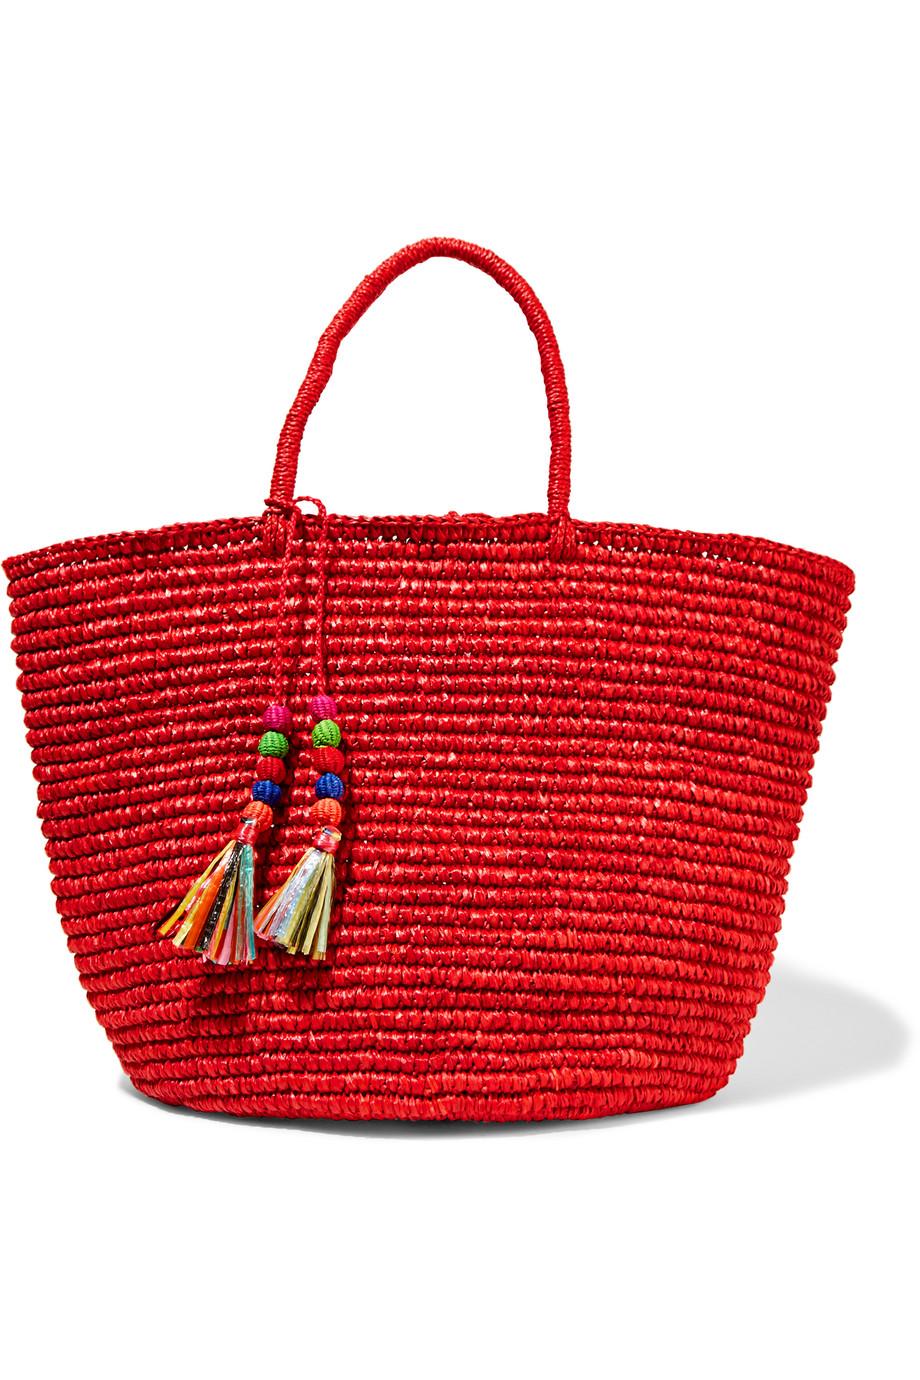 Sensi Studio Maxi Woven Toquilla Straw Tote, Red, Women's